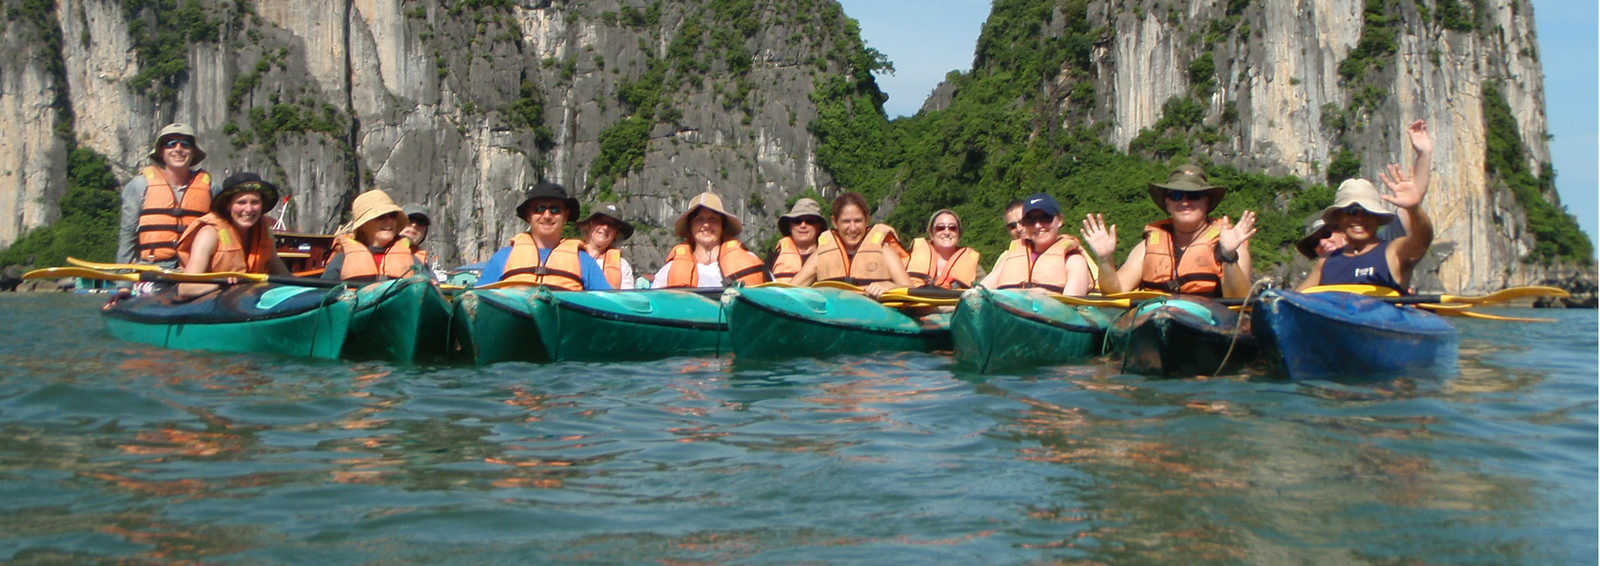 Kayaking group in Halong Bay